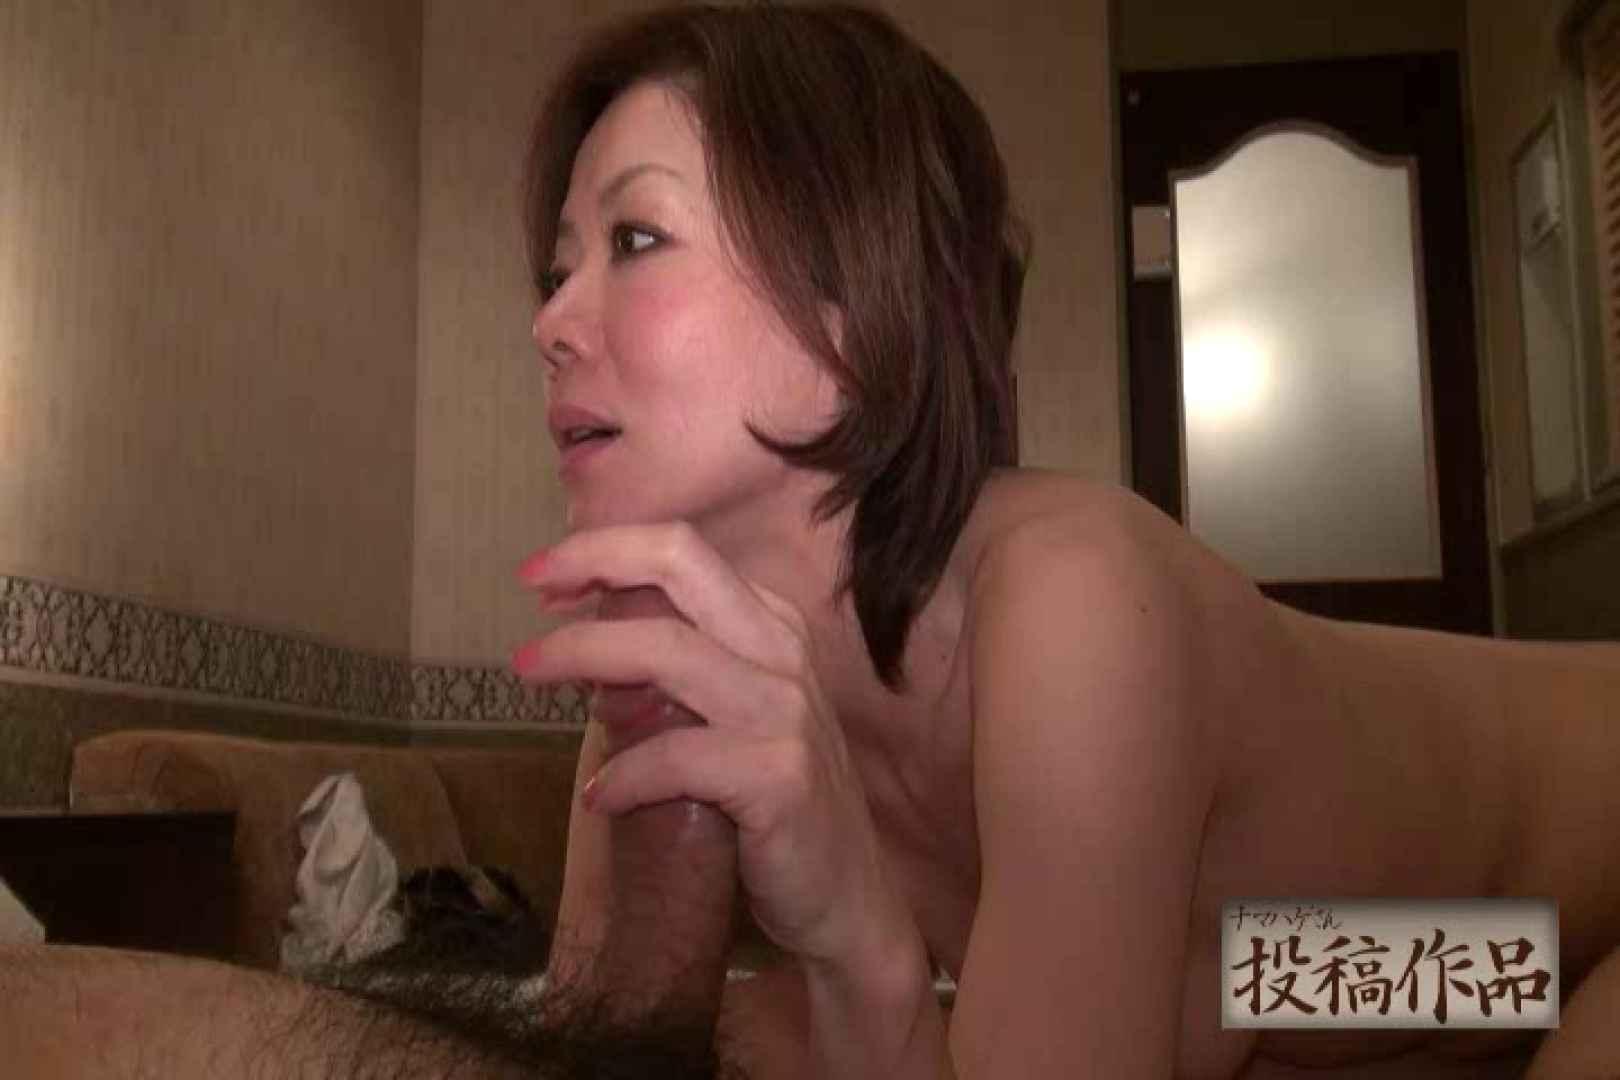 ナマハゲさんのまんこコレクション第二章 reiko02 SEX | 一般投稿  80pic 73